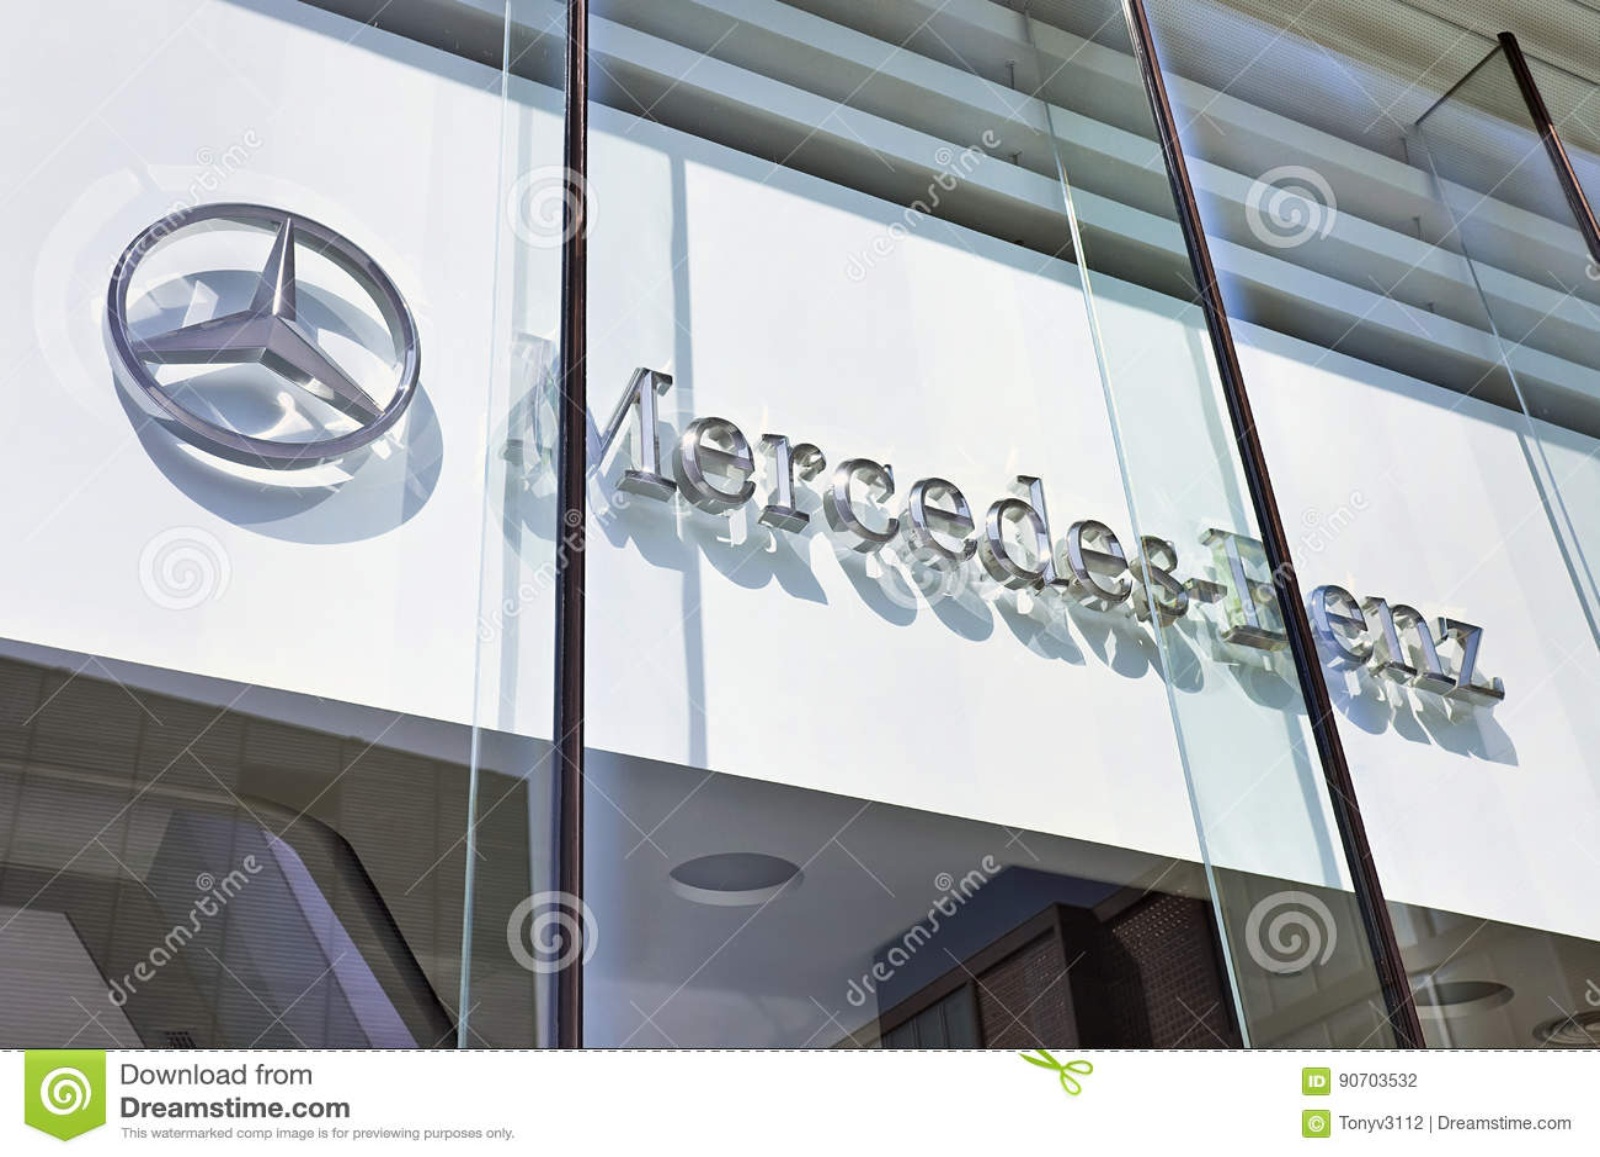 Выставочный зал Мерседес-Benz, Пекин, Китай